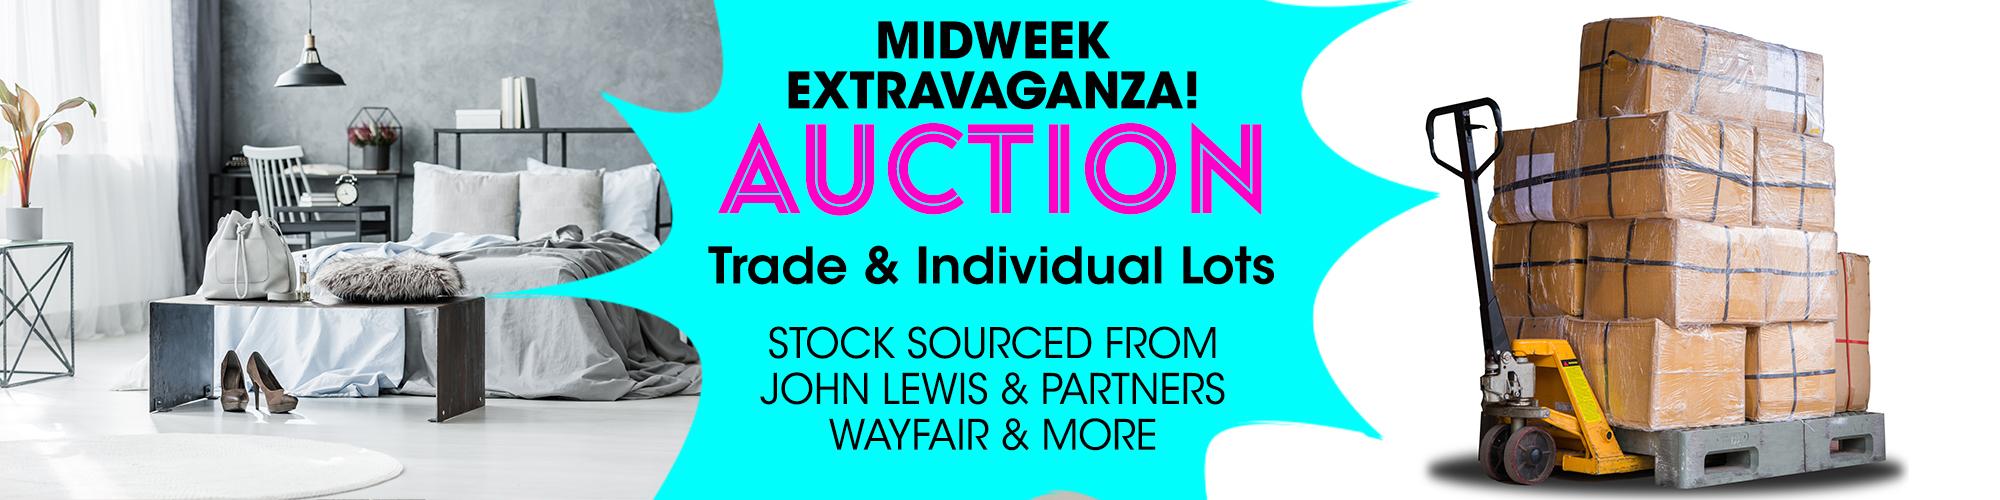 Midweek Extravaganza - HUGE BARGAINS!